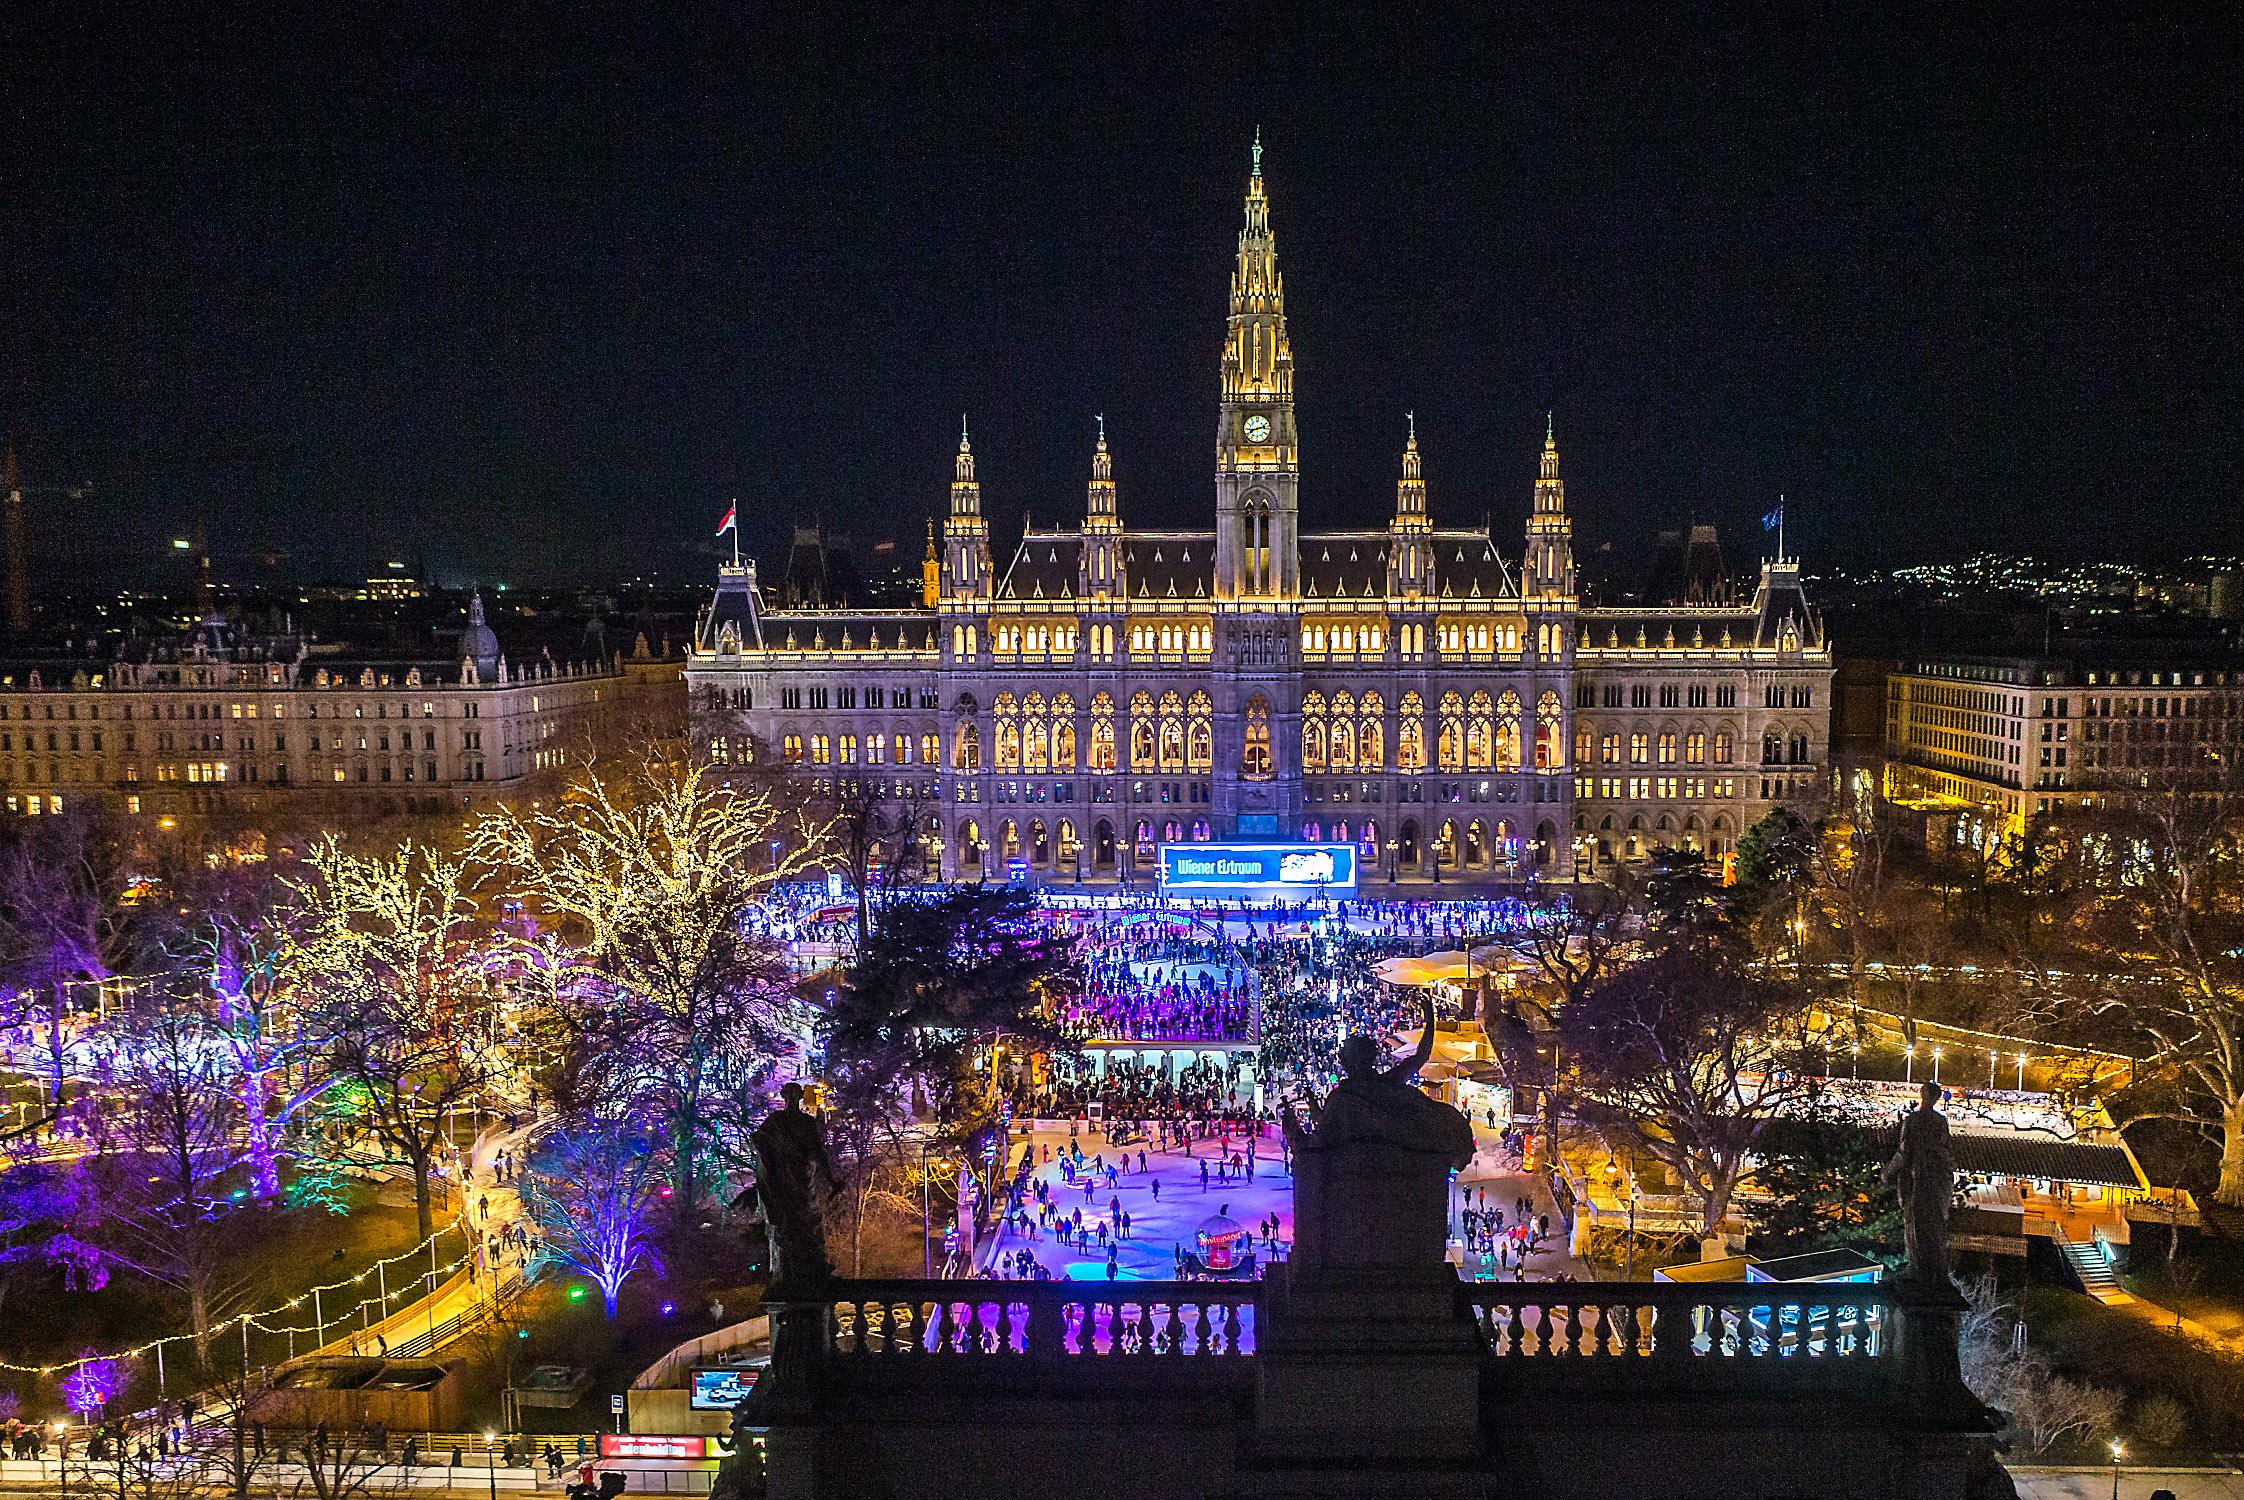 Wiener Eistraum 2019 - Blick vom Burgtheater